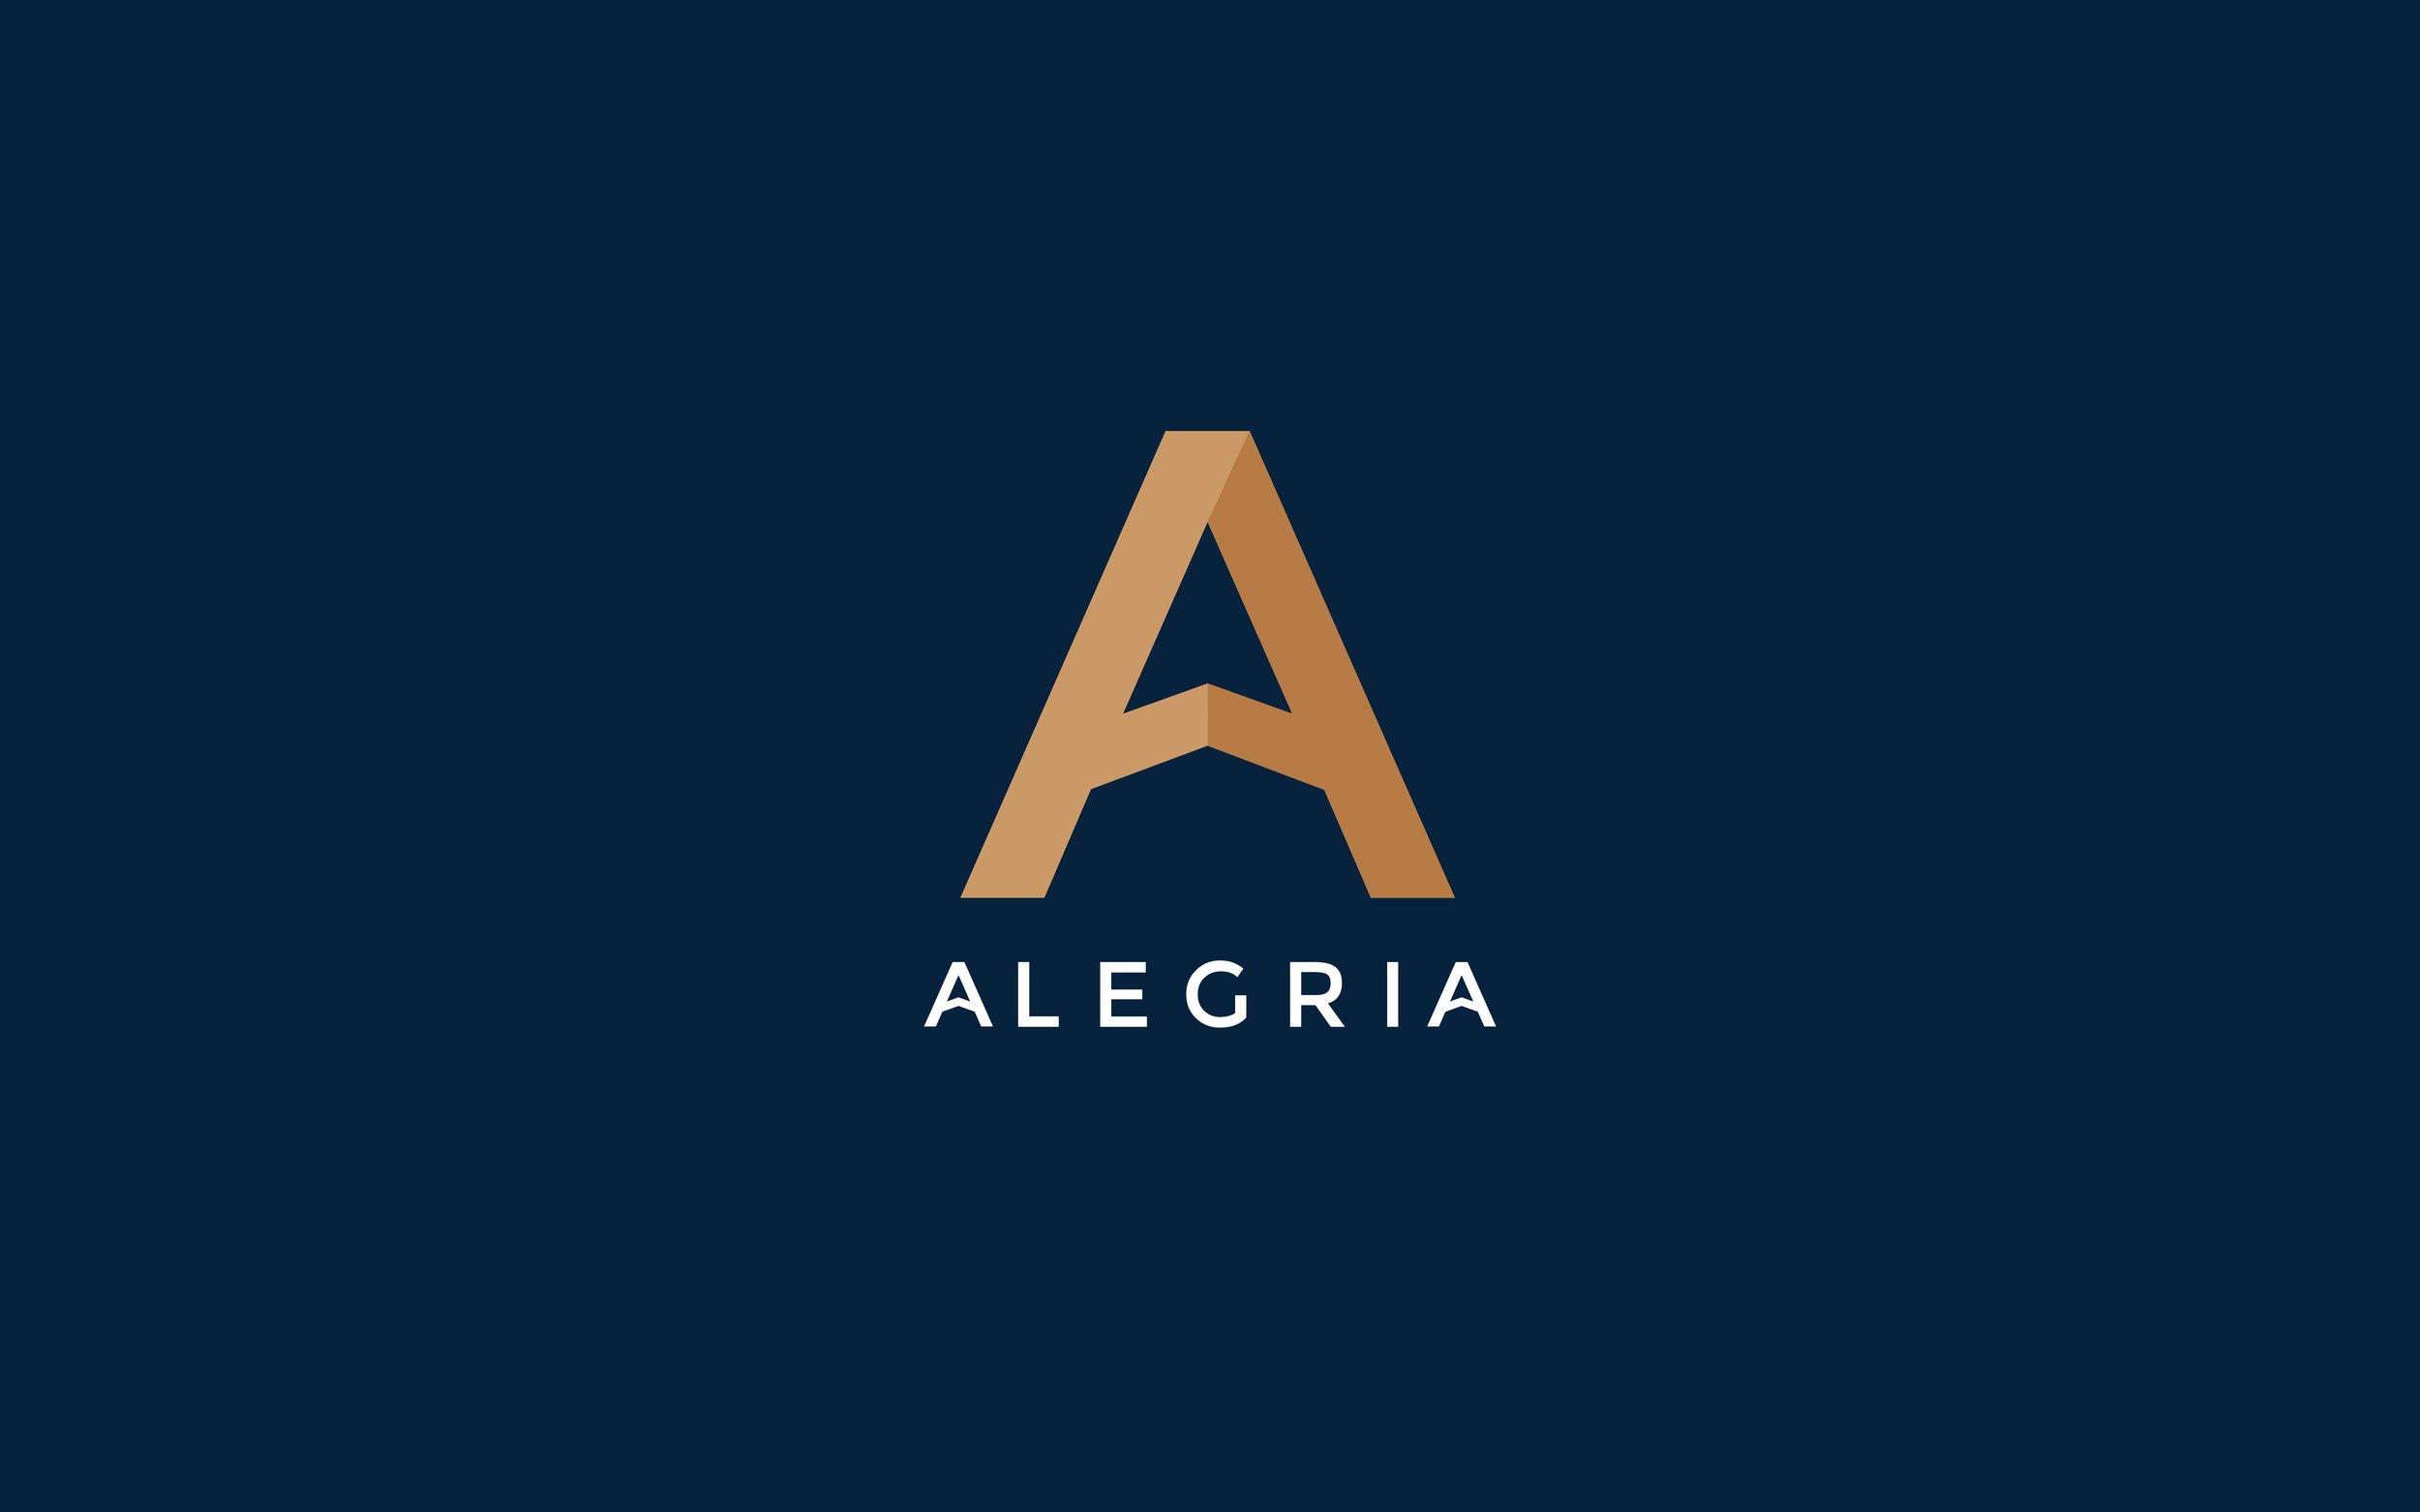 ALEGRIA_LOGO_DECK-04.jpg